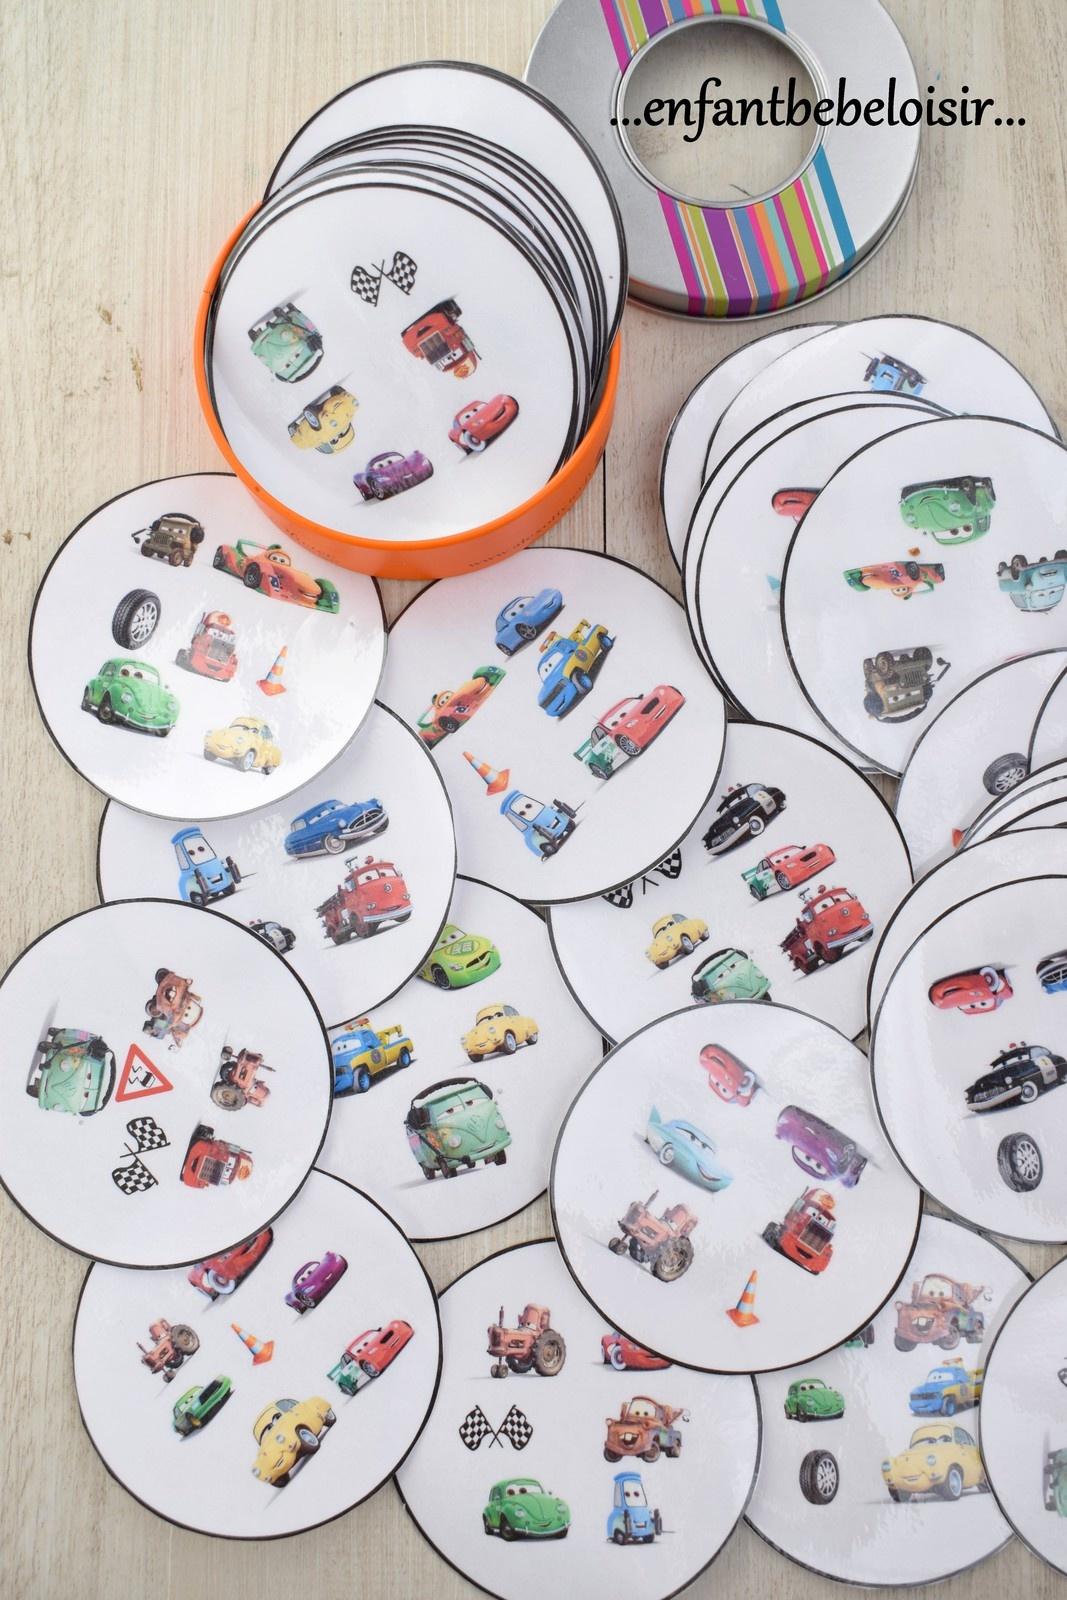 Jeu Dobble Cars Pixar À Imprimer - Gratuit - Enfant Bébé Loisir destiné Jeux 4 Ans Gratuit